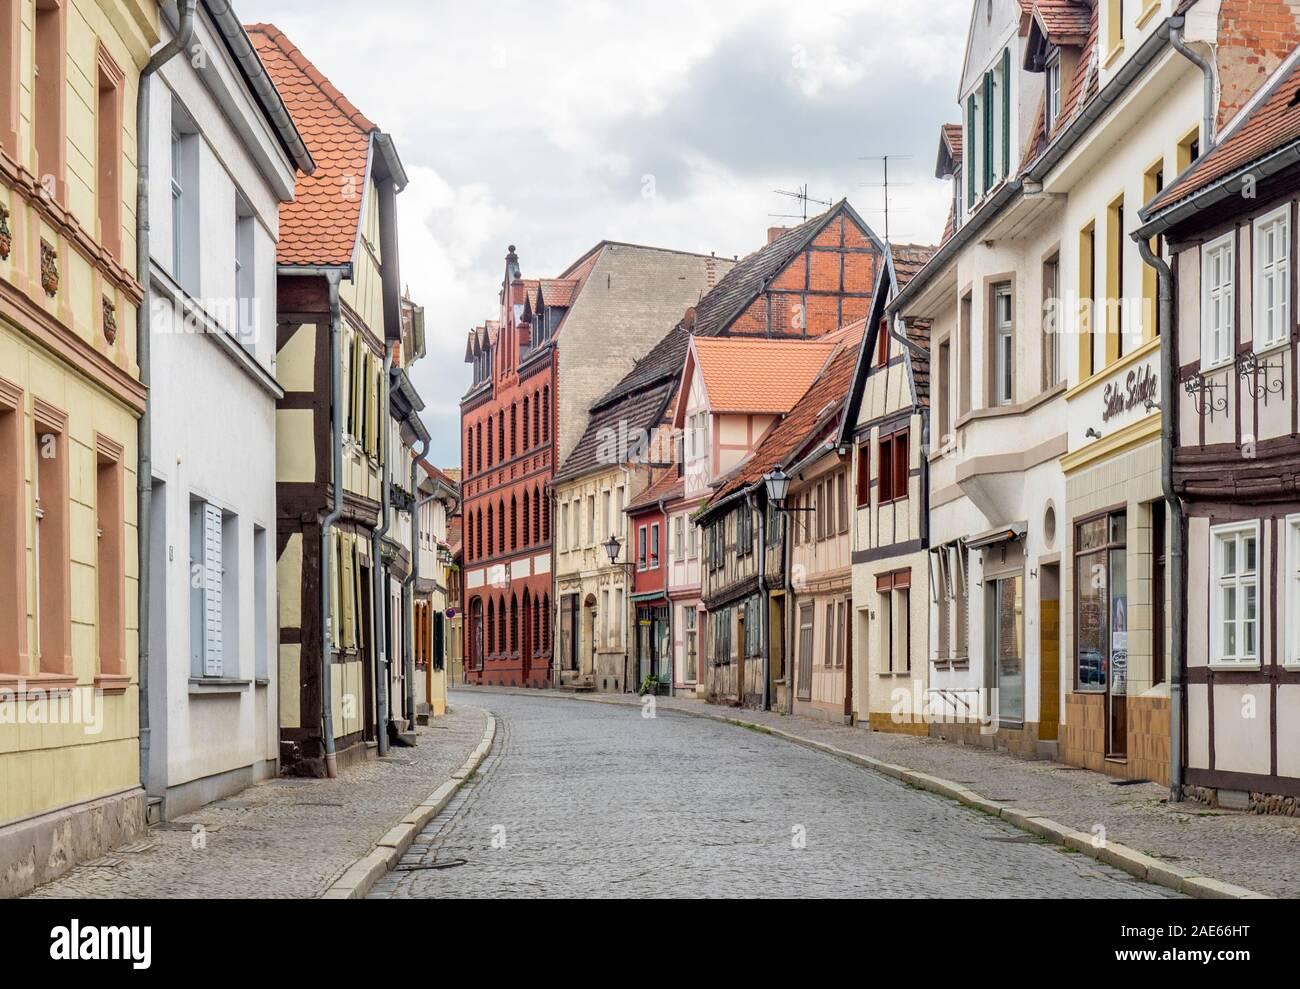 Calle de la fila de edificios tradicionales de marco de madera en la histórica Altstadt Tangmünde Sajonia-Anhalt Alemania. Foto de stock